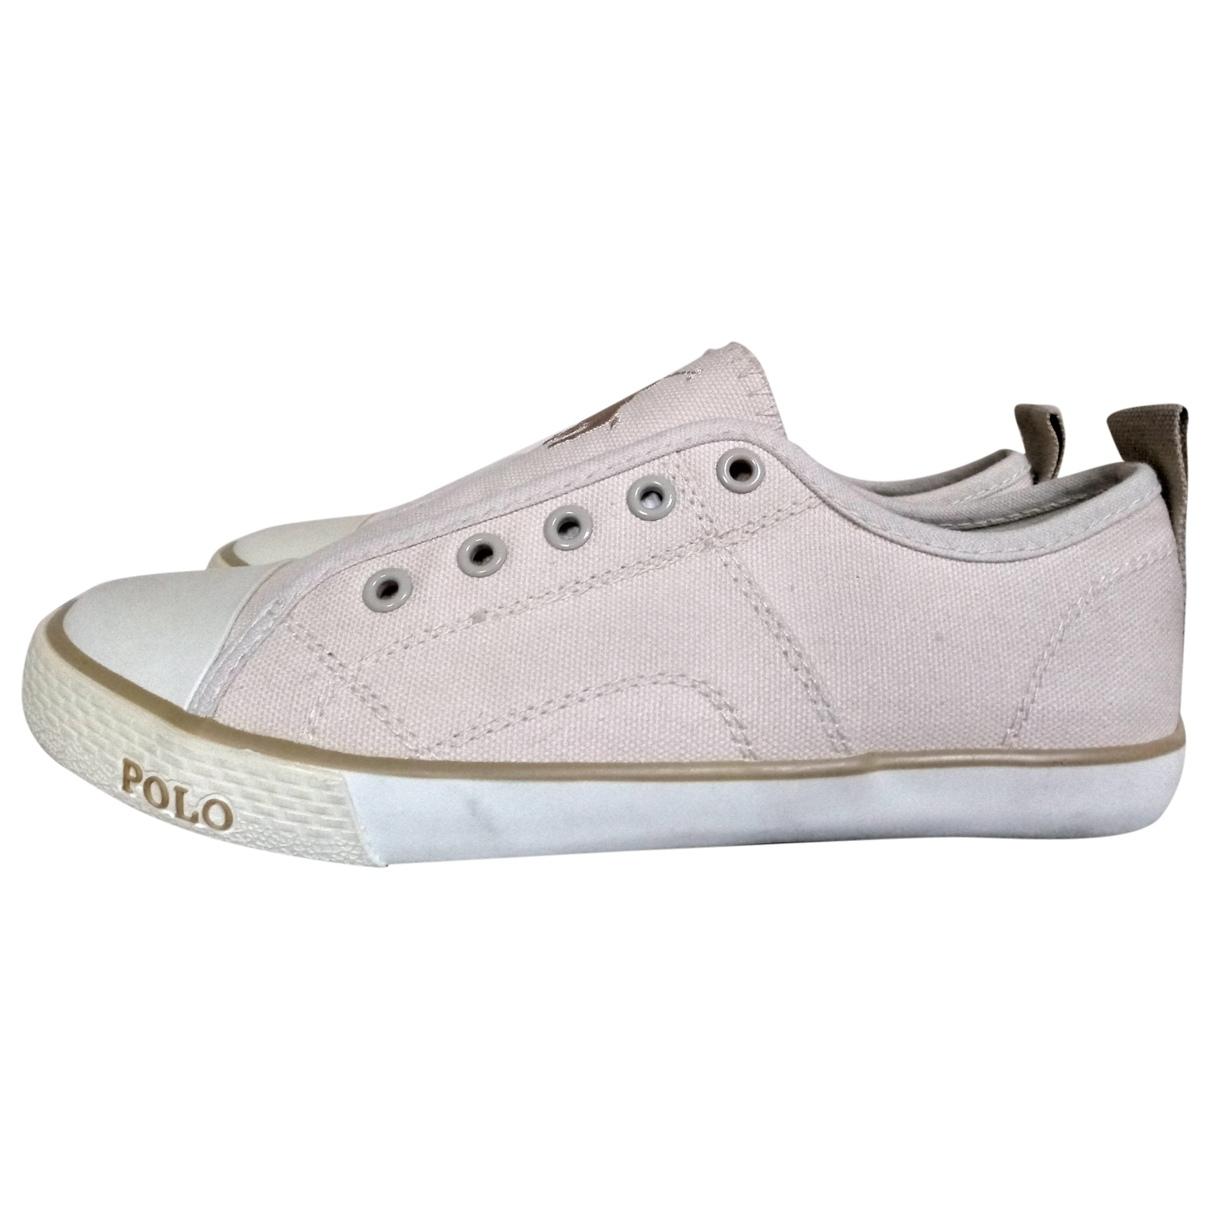 Polo Ralph Lauren \N Sneakers in  Beige Leinen